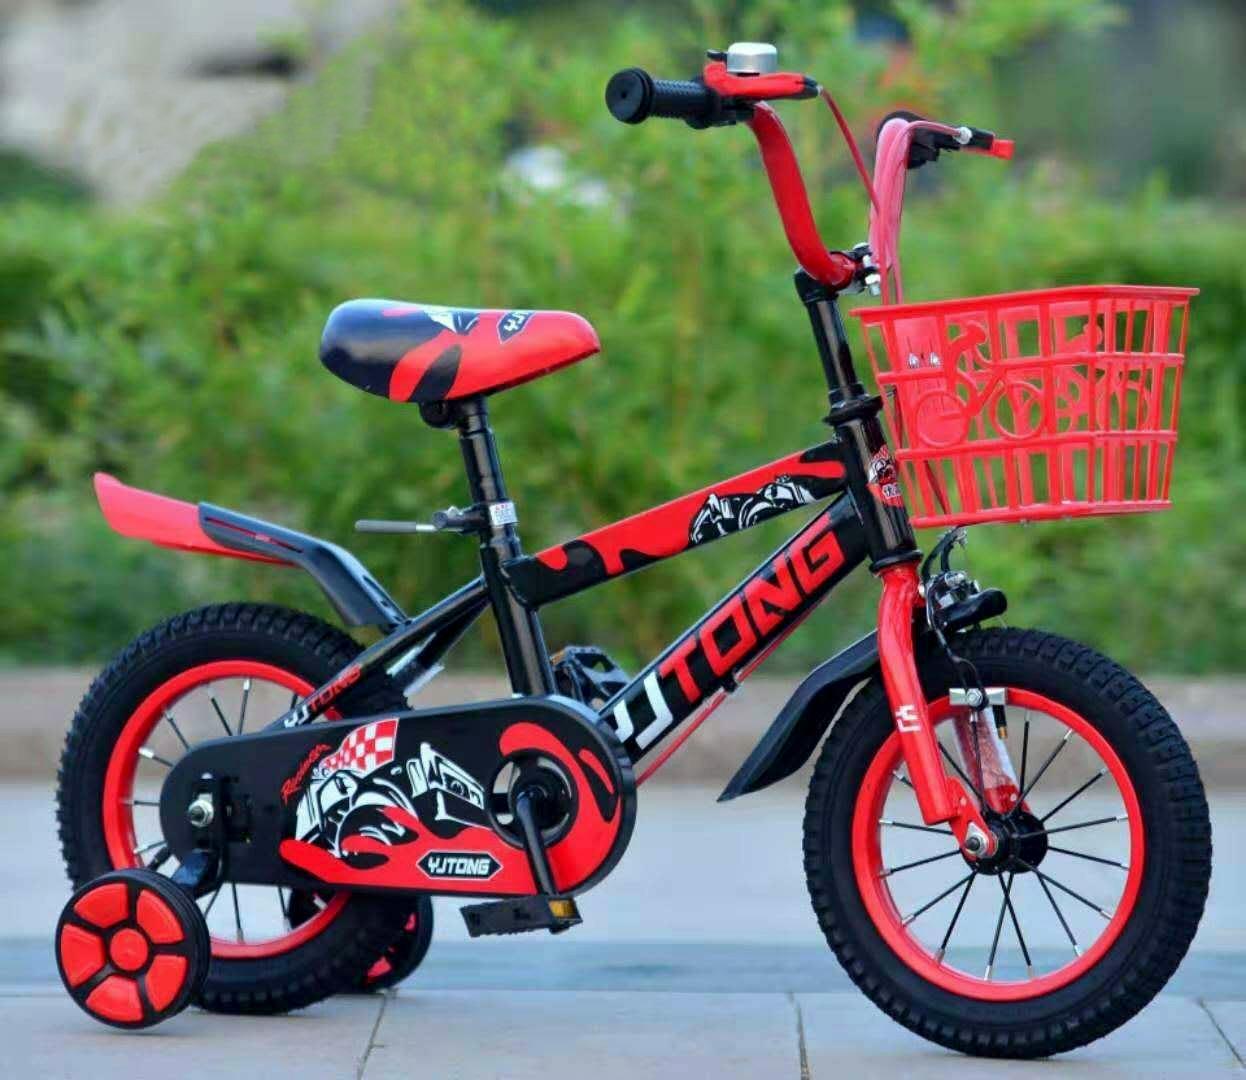 hướng dẫn kiểm tra chất lượng xe đạp đò chơi nhập khẩu